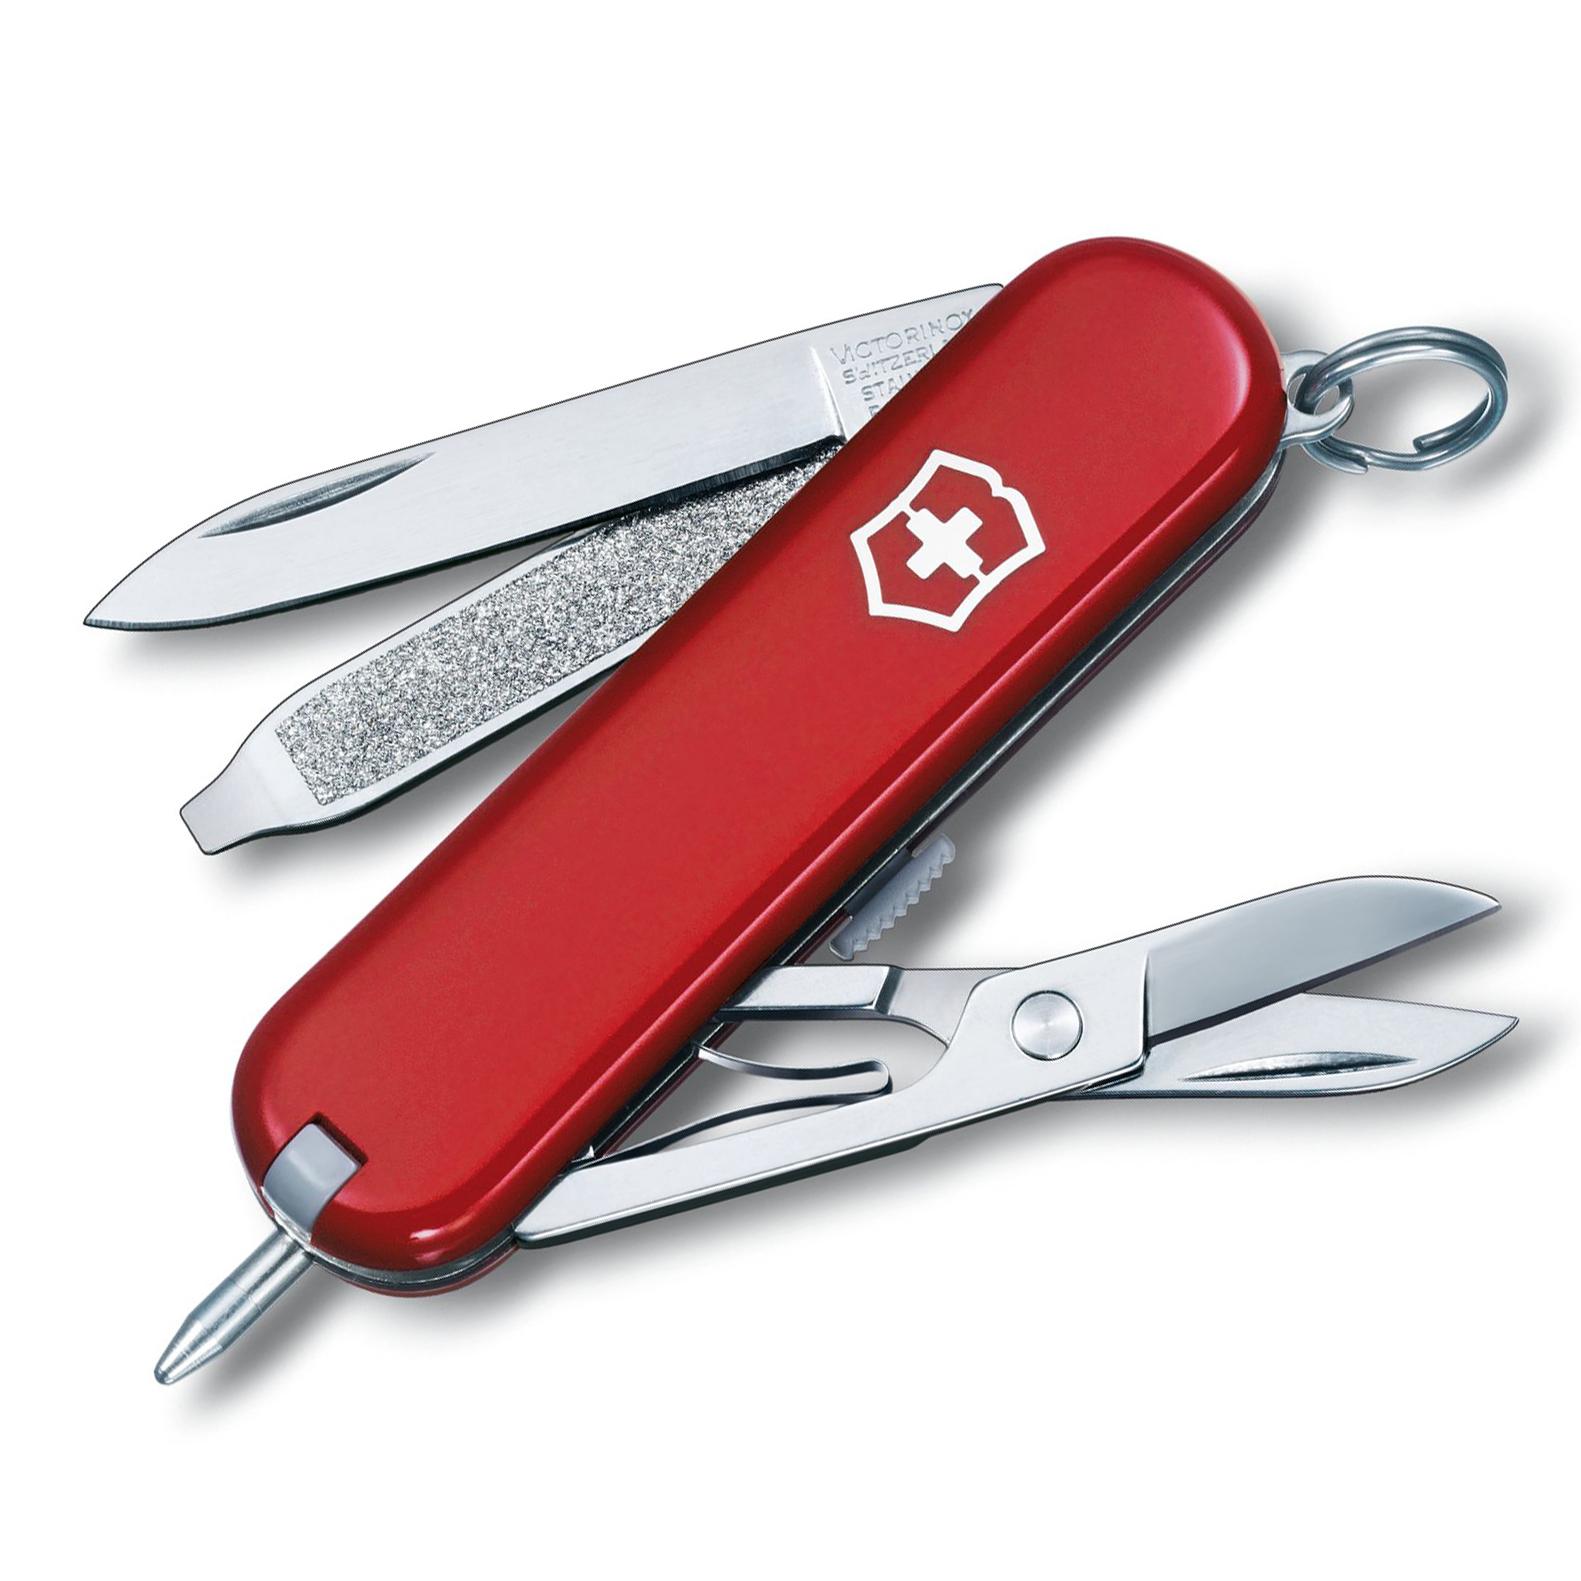 Нож перочинный Victorinox Signature, сталь X55CrMo14, рукоять Cellidor®, красный